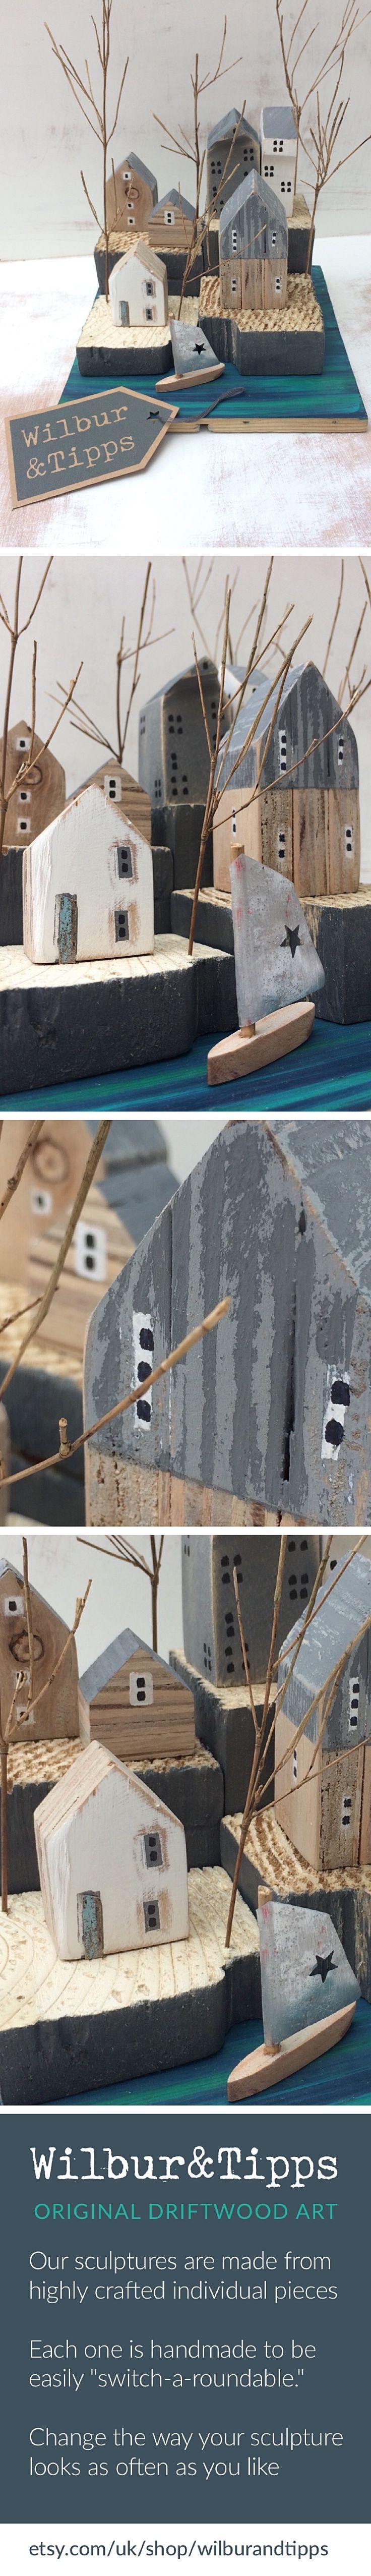 driftwood art, küsten kunst, kustlijn kunst, driftwood sculpture, gift ideas, wohnaccessoires, geschenkideen, driftwood house, driftwood houses, driftwood cottage, driftwood, etsy gifts, eckerförde, canal houses, etsy de. Driftwood Art, Treasures from the Riverbank by Wilbur&Tipps@Etsy